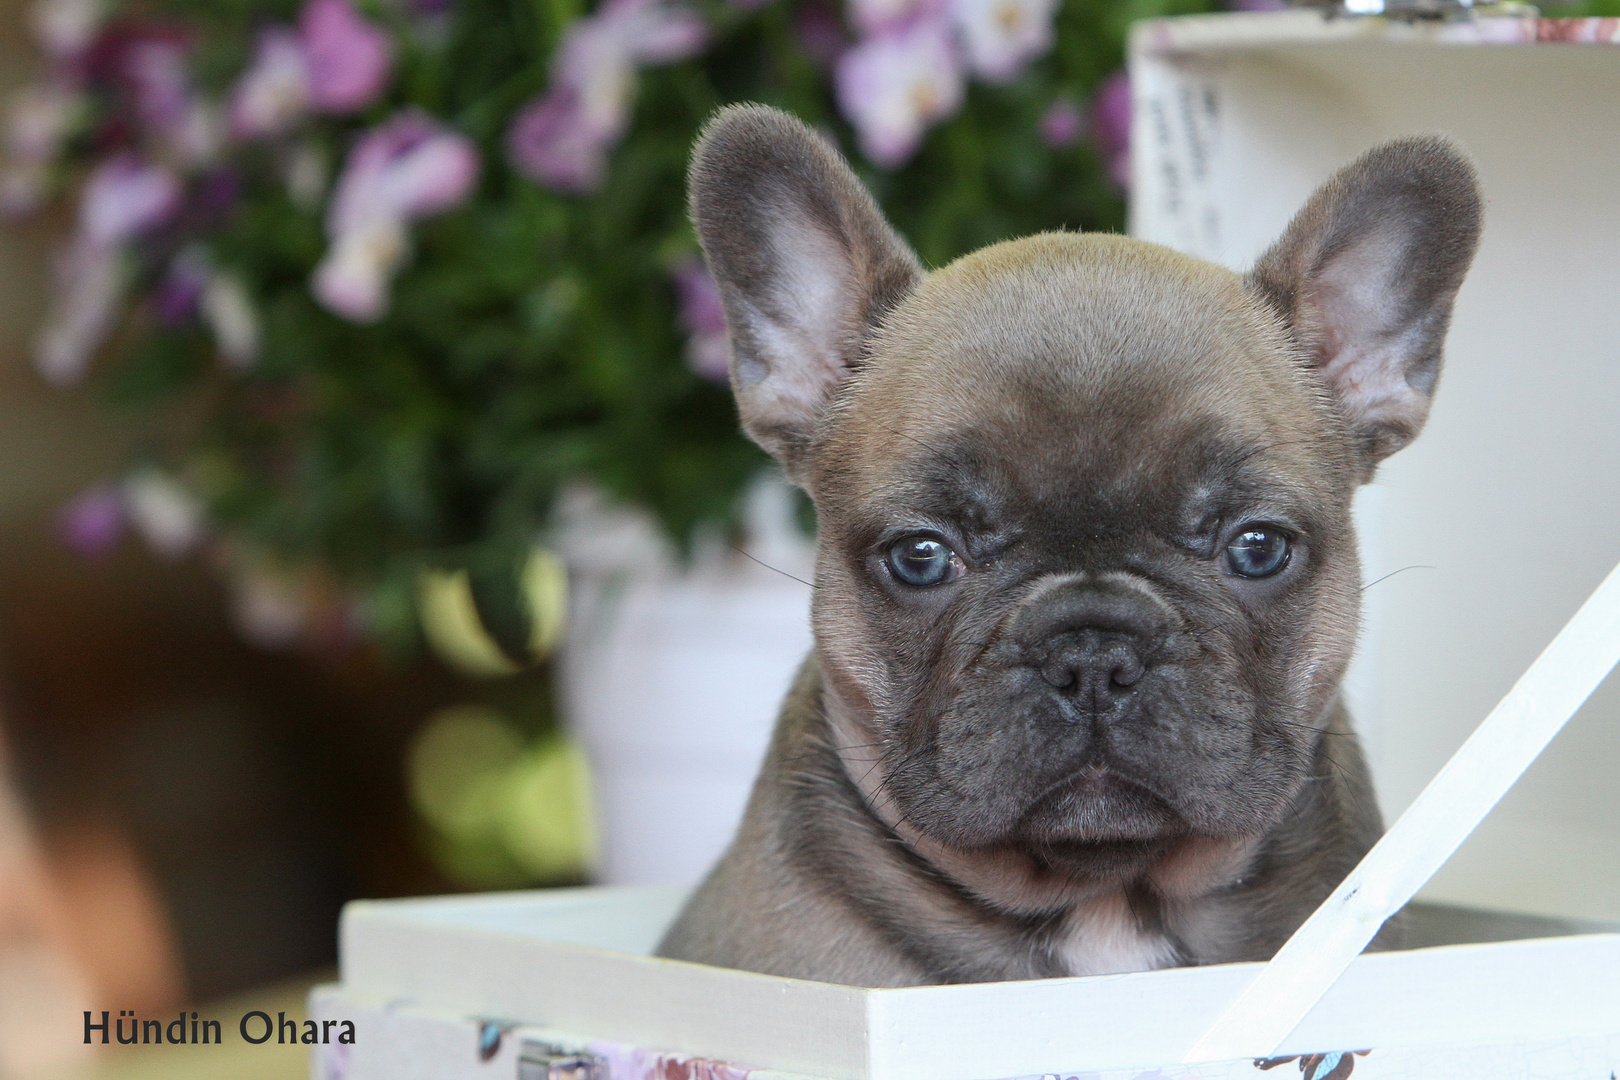 franz sische bulldogge red blue fawn zobel foto bild tiere haustiere hunde bilder auf. Black Bedroom Furniture Sets. Home Design Ideas